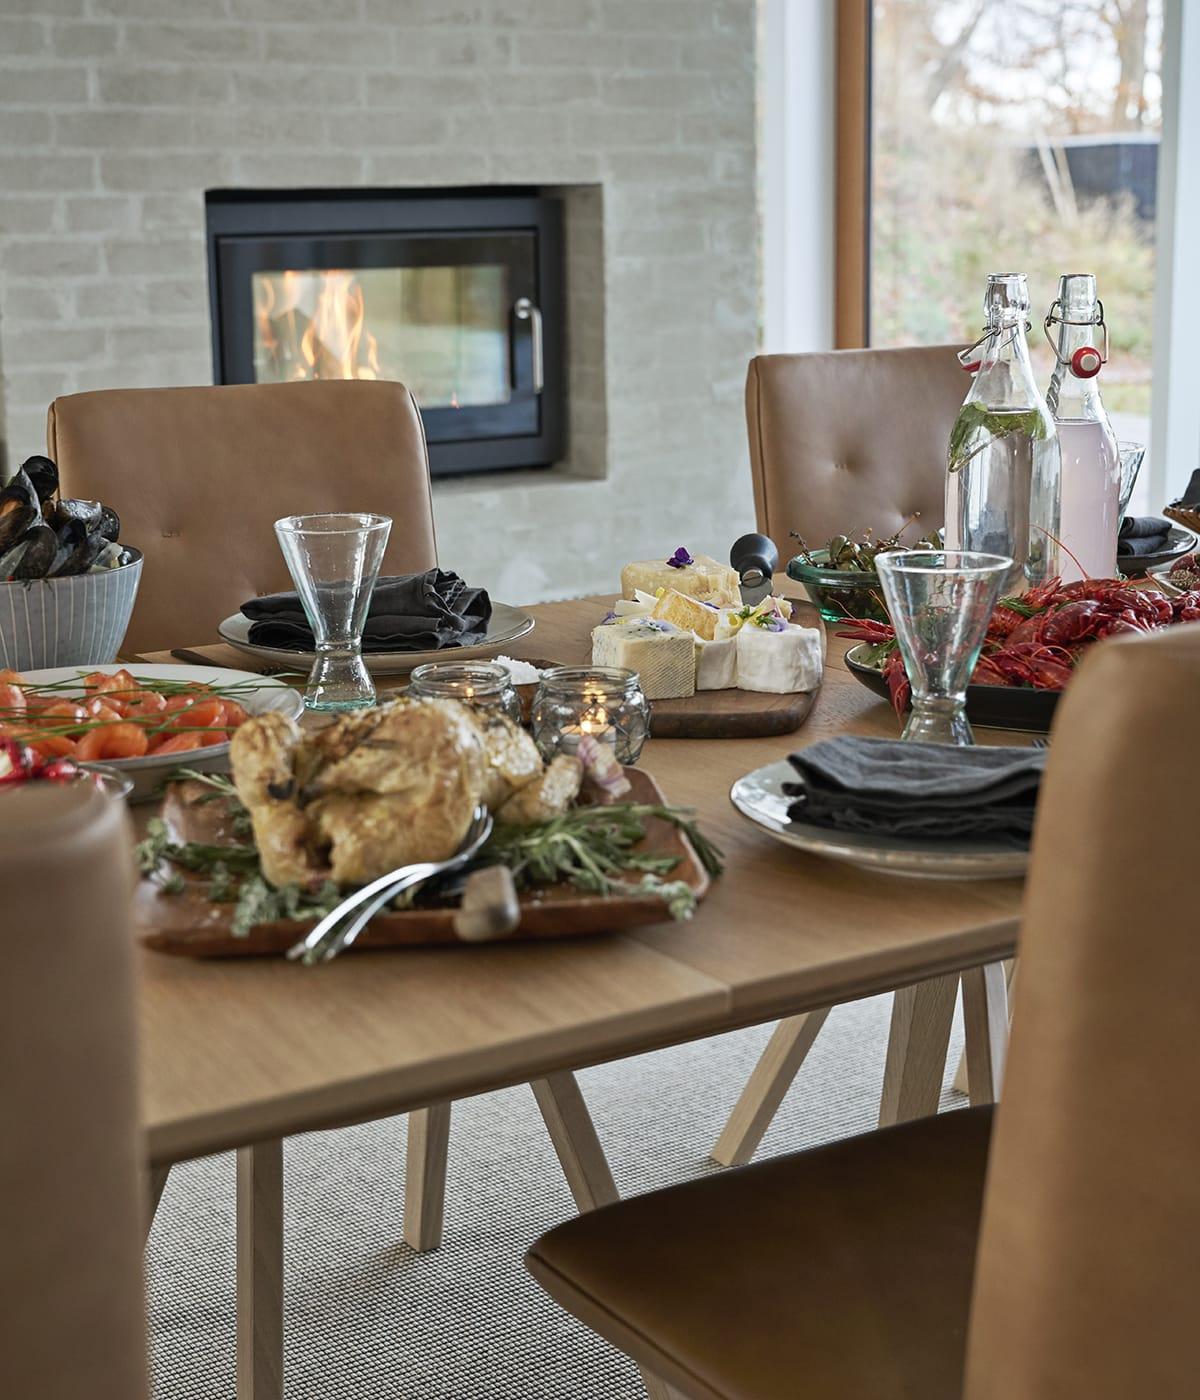 Exotische Rezepte für ein Abendessen und bequeme Stressless Dining Stühle sind die ideale Kombination für einen gelungenen Abend.